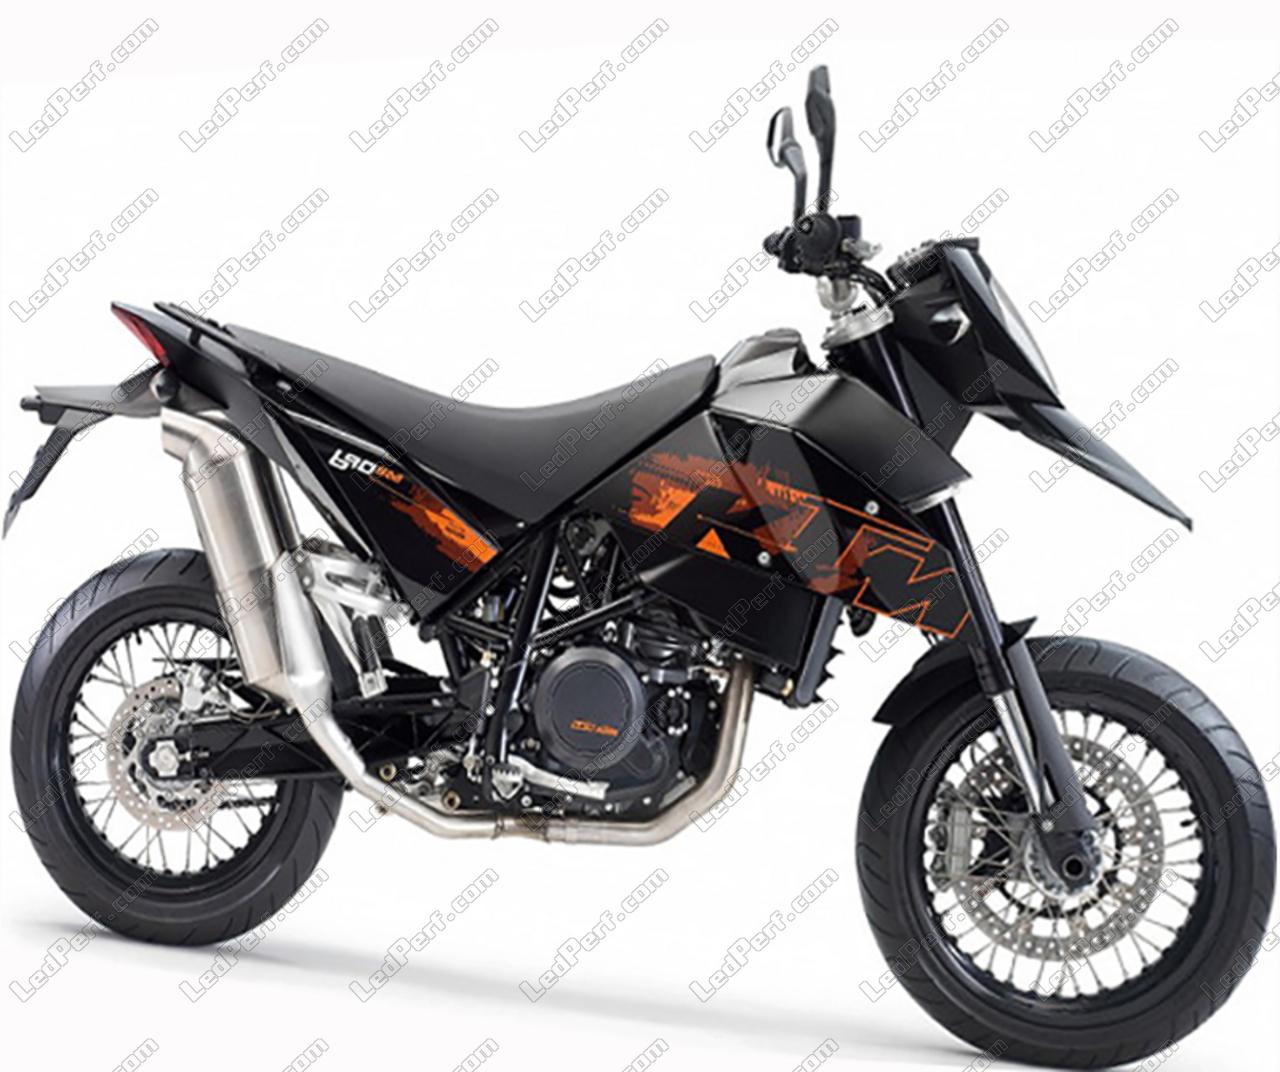 phares additionnels led pour moto ktm supermoto 690. Black Bedroom Furniture Sets. Home Design Ideas